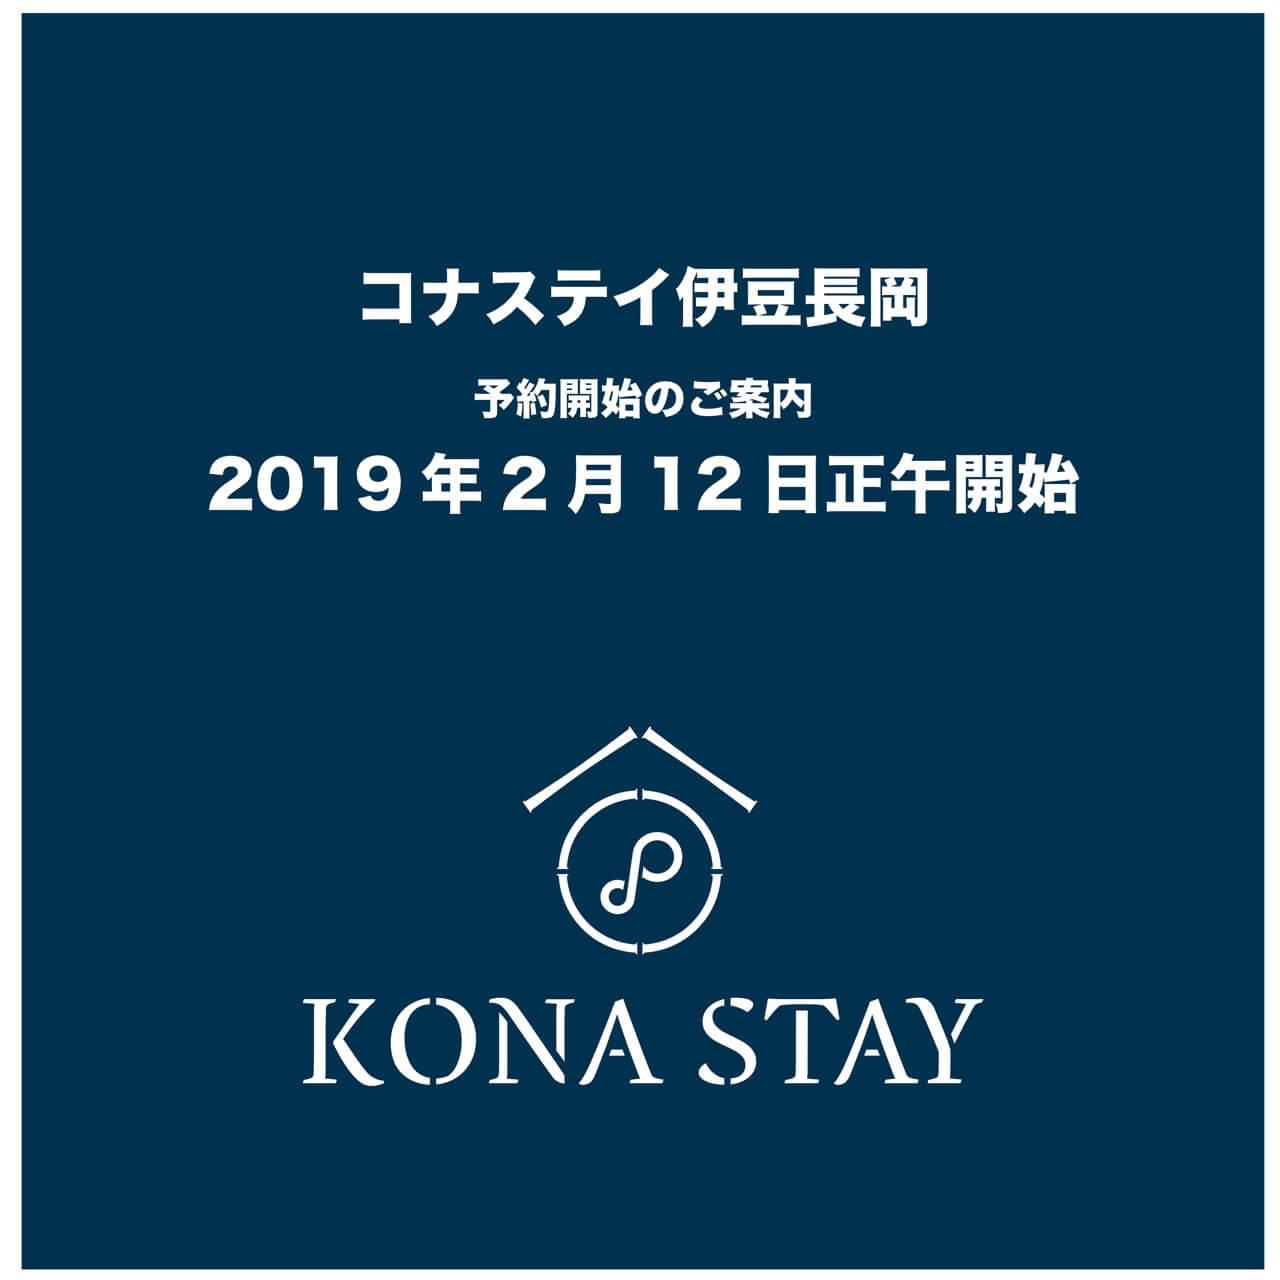 2019年2月12日  宿泊予約スタート